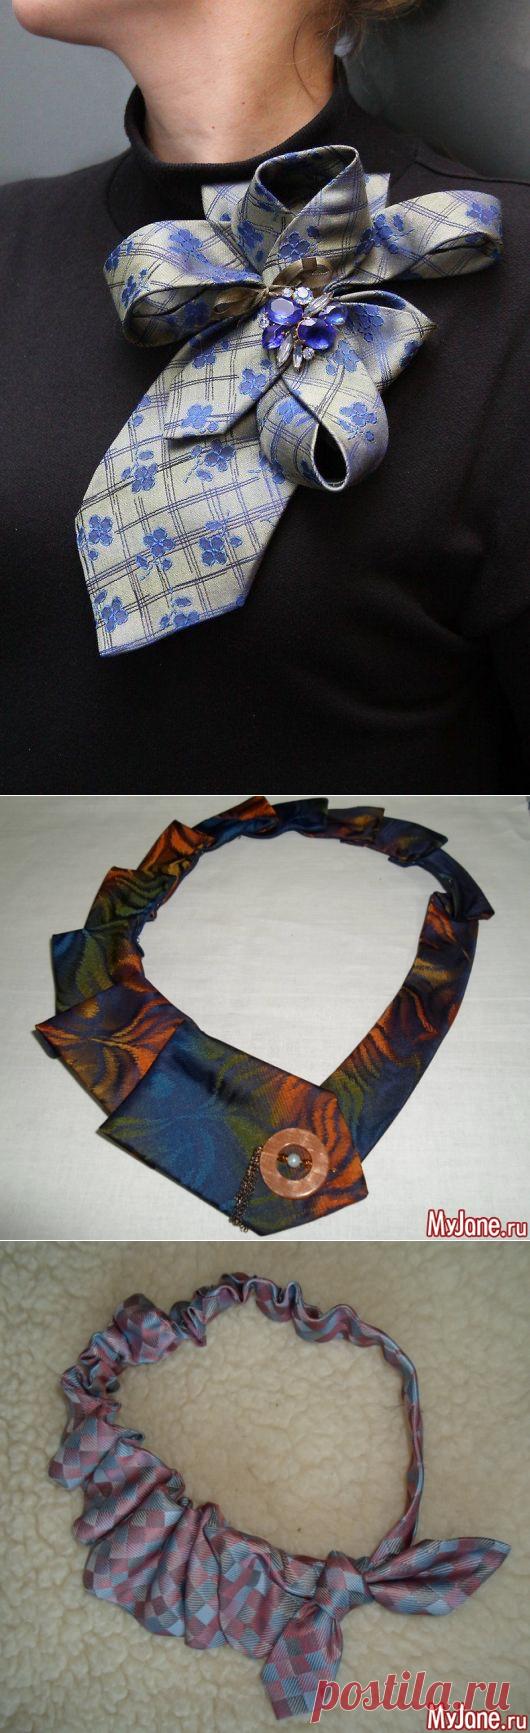 Превращение мужского галстука в женский аксессуар